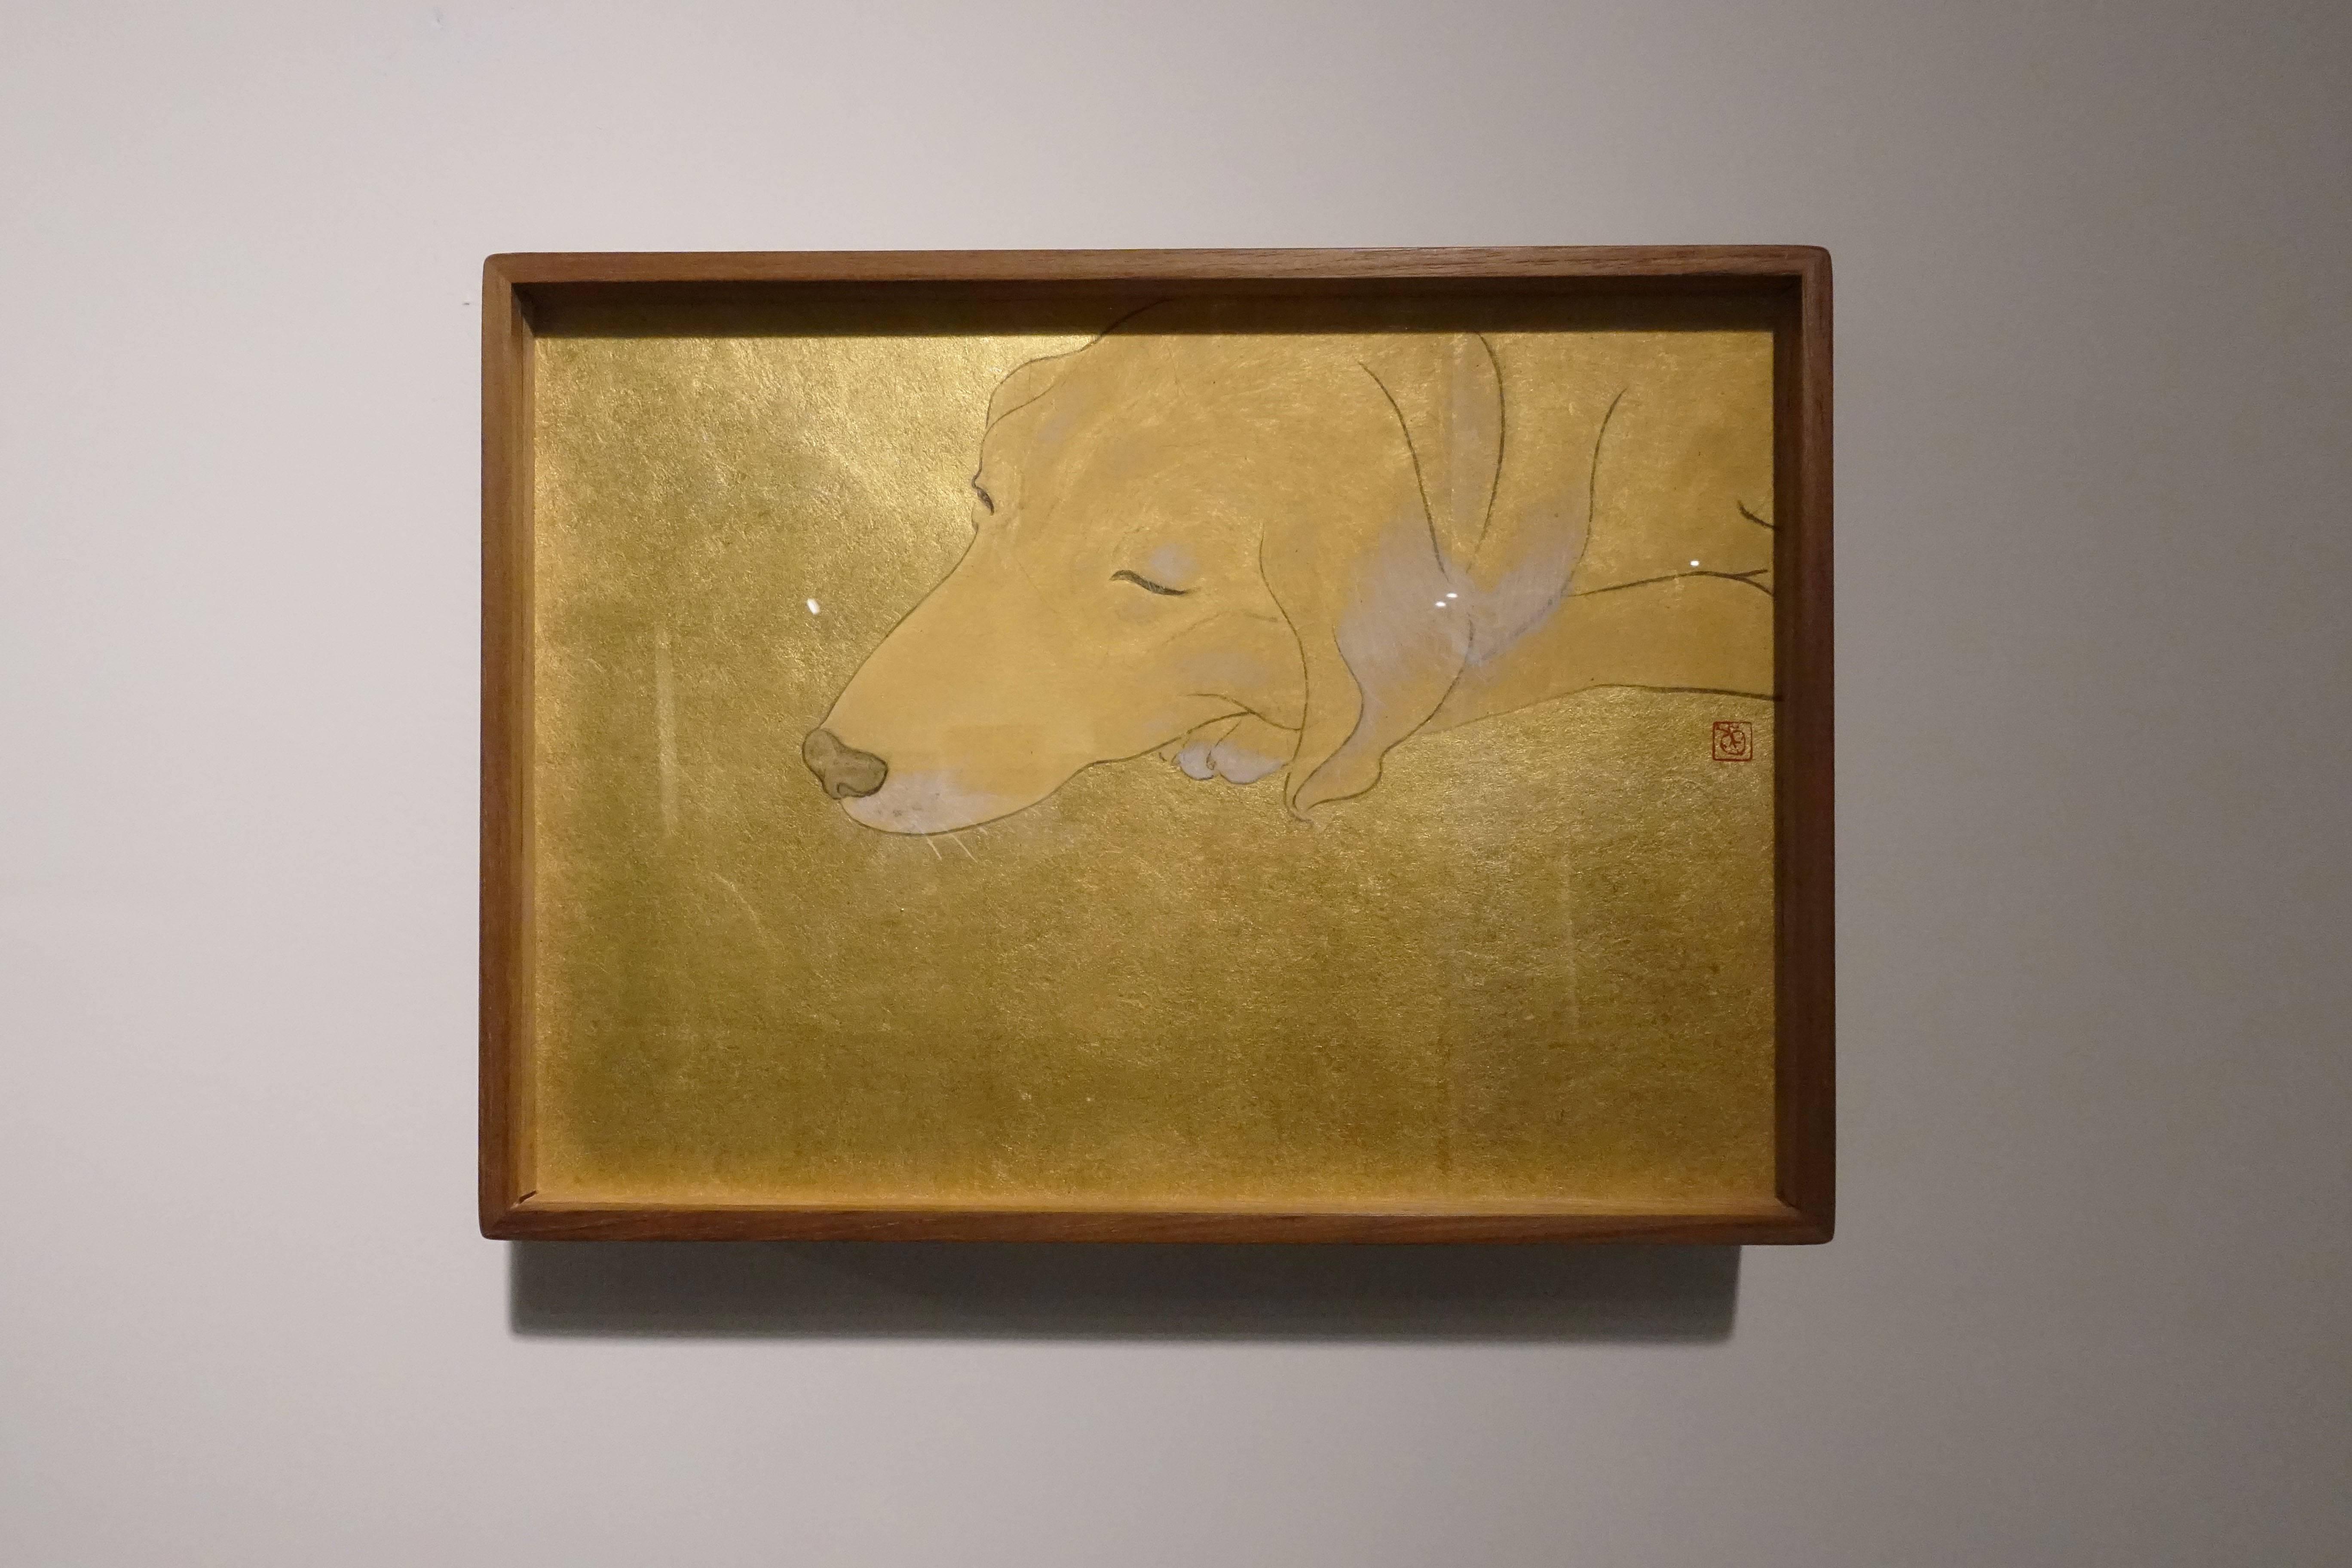 葉采薇,《摳喇》,2017,金箔、紙本設色,21 x 29 cm。